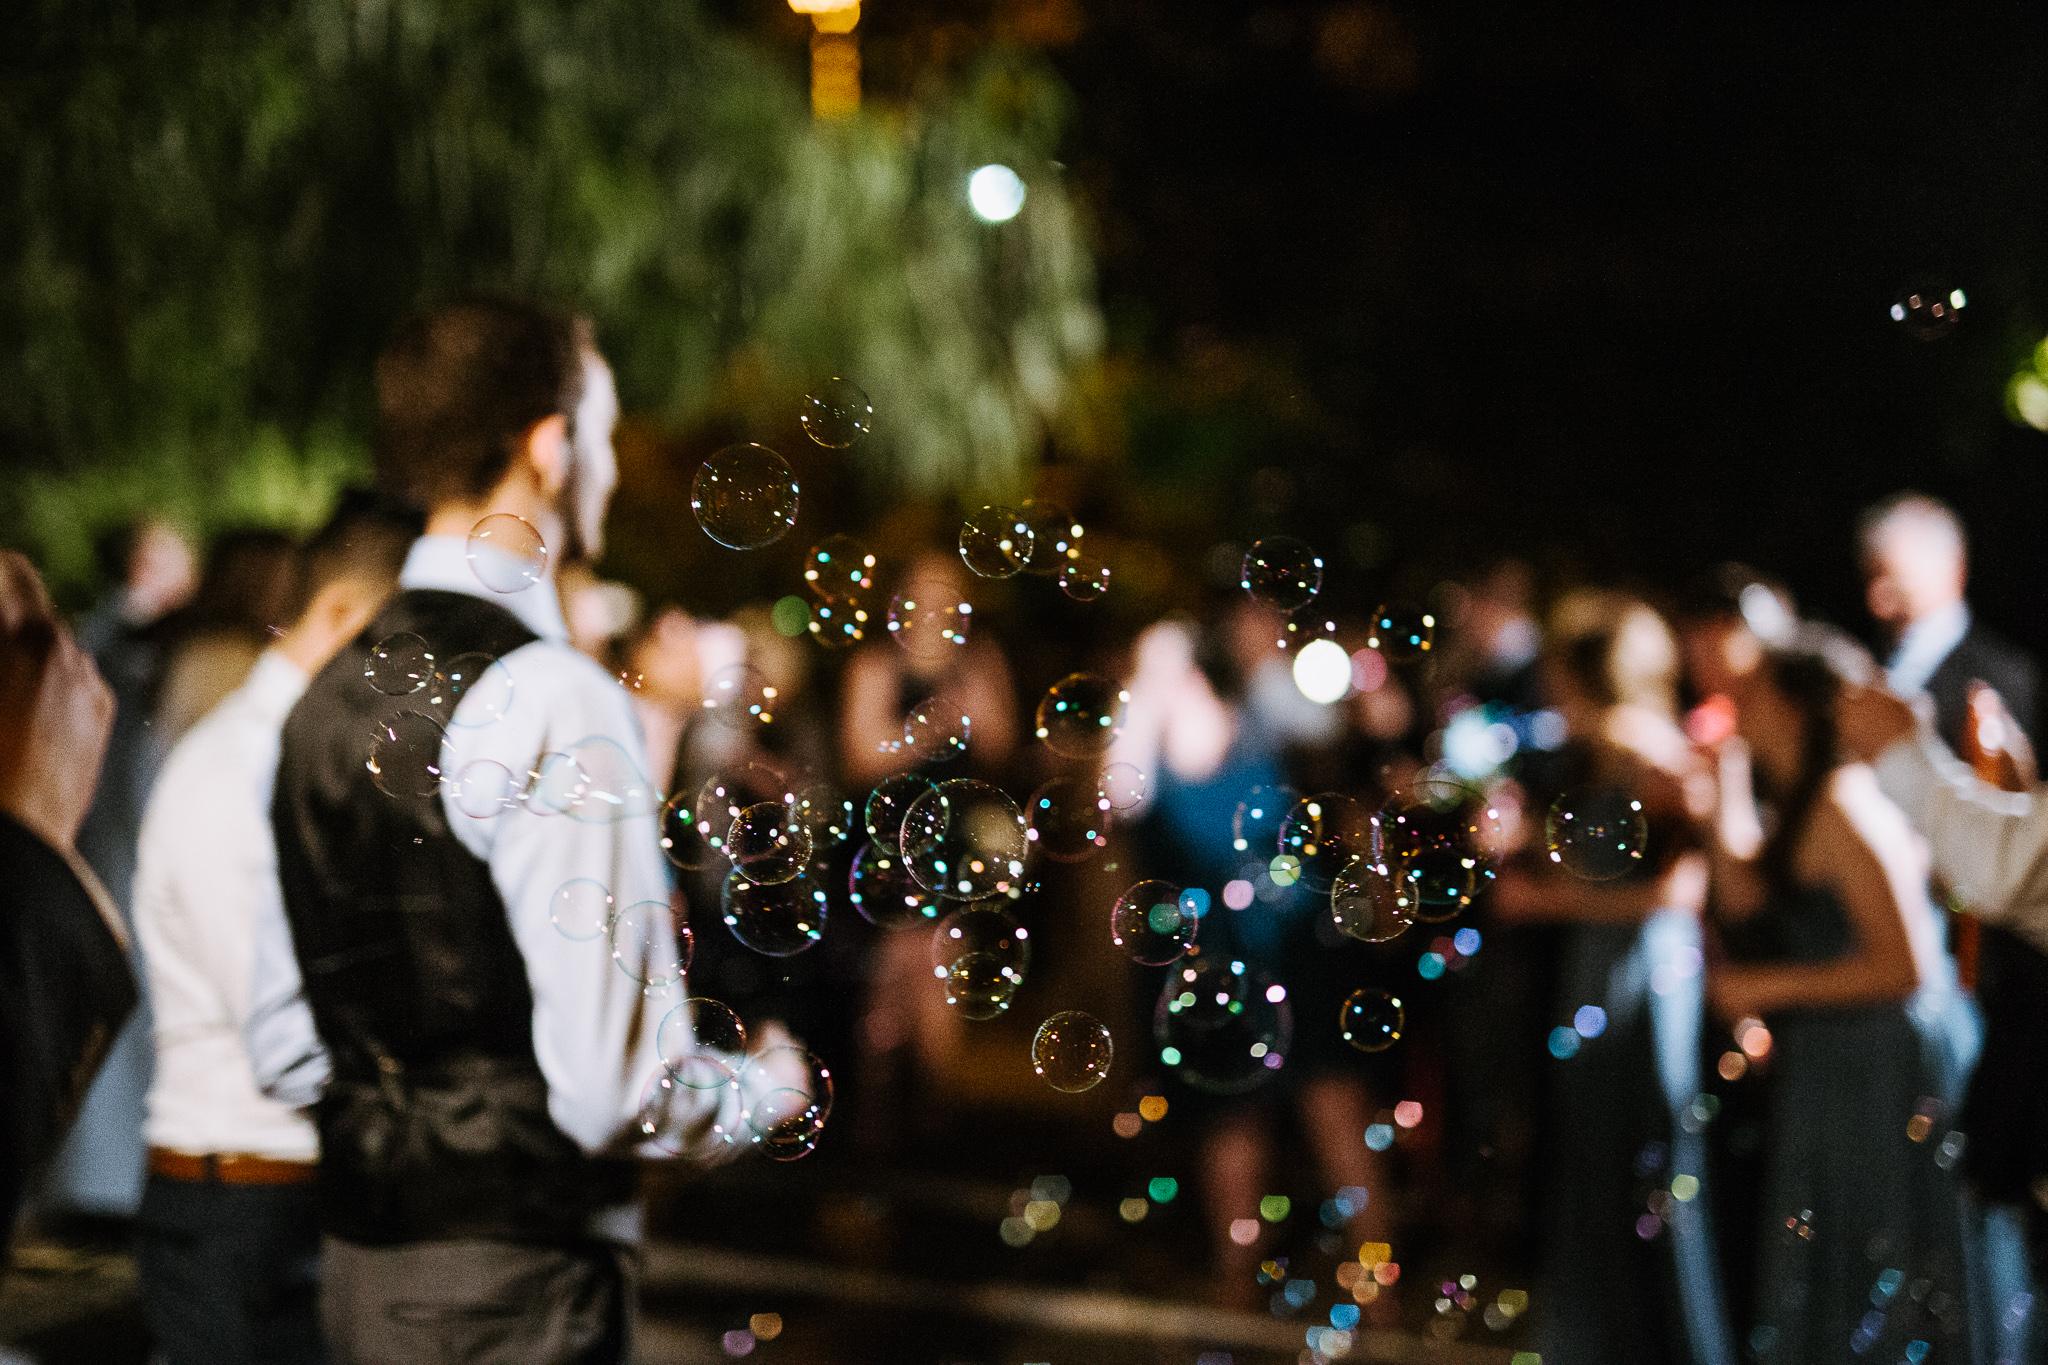 BayArea-Wedding-Photographer-64.jpg